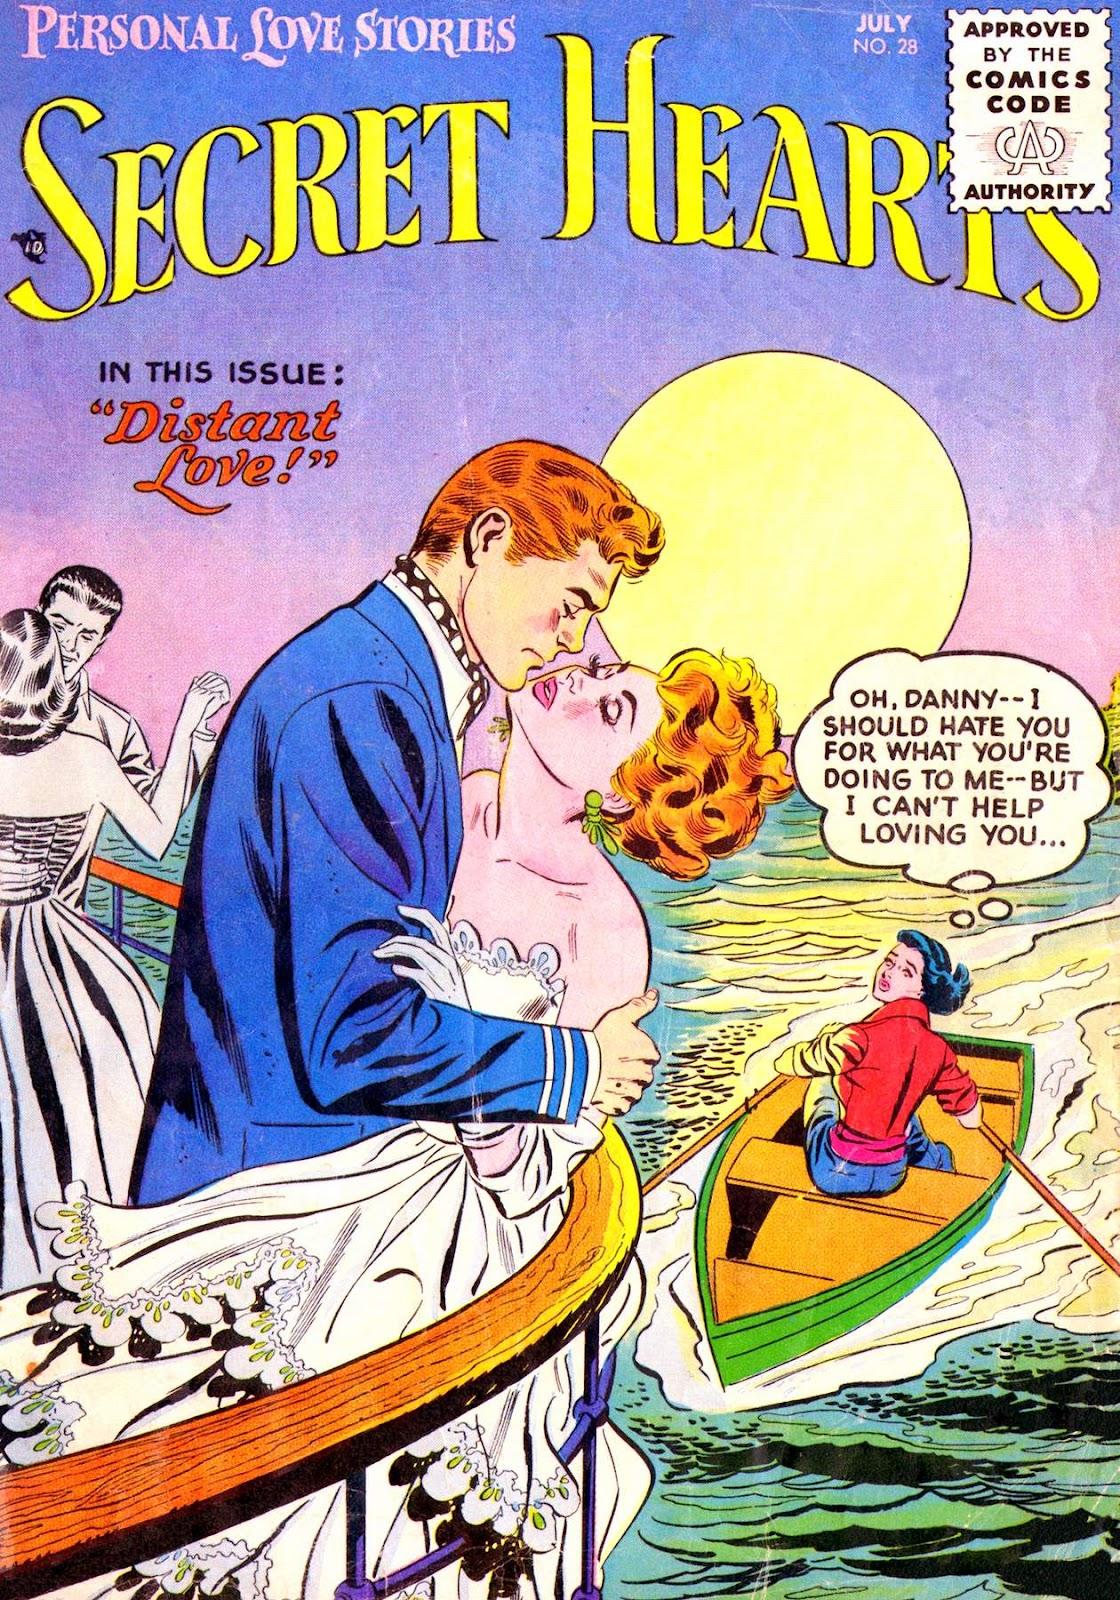 Secret Hearts 28 Page 1